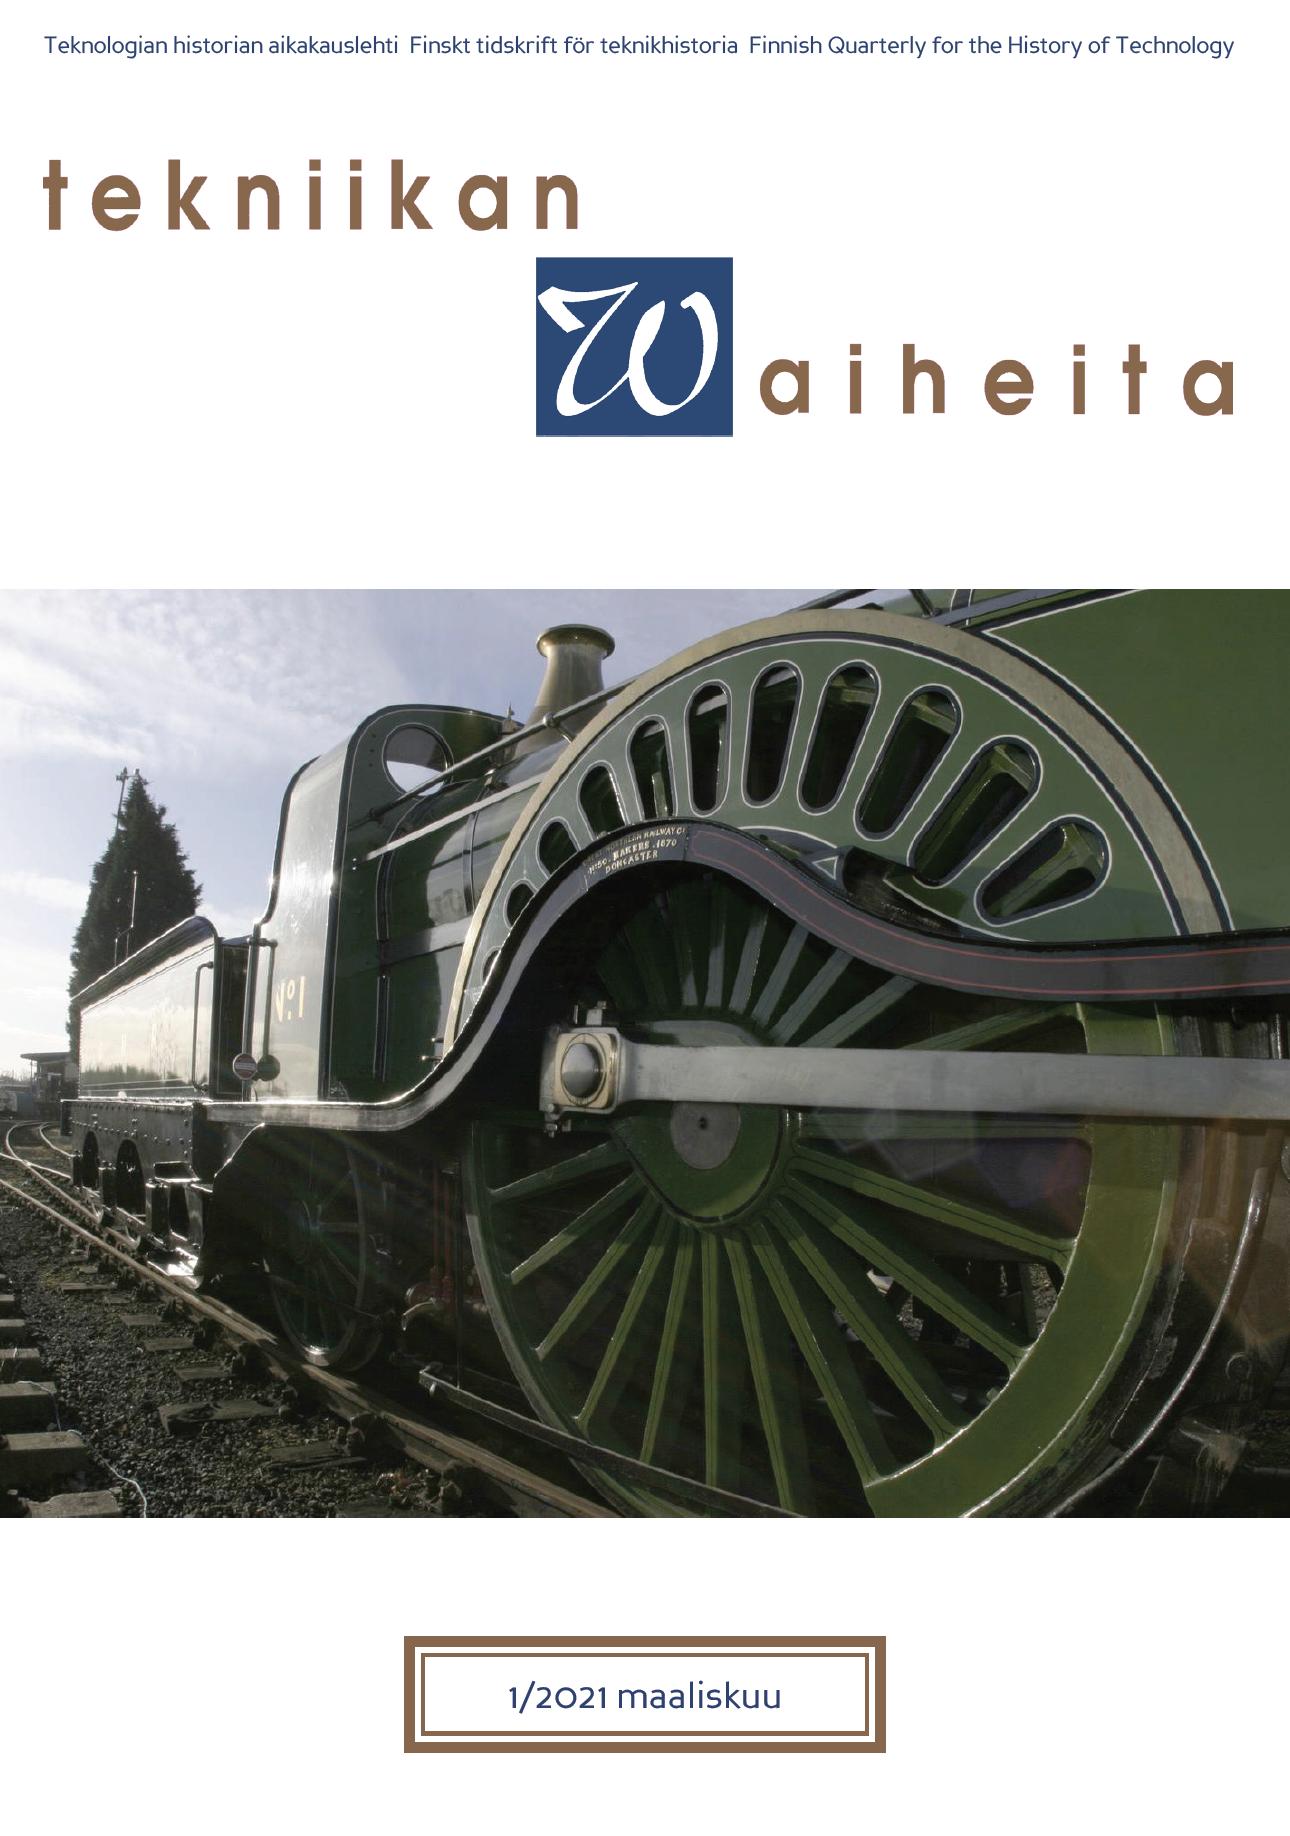 Tekniikan Waiheita vol. 39 no. 1 (2021)